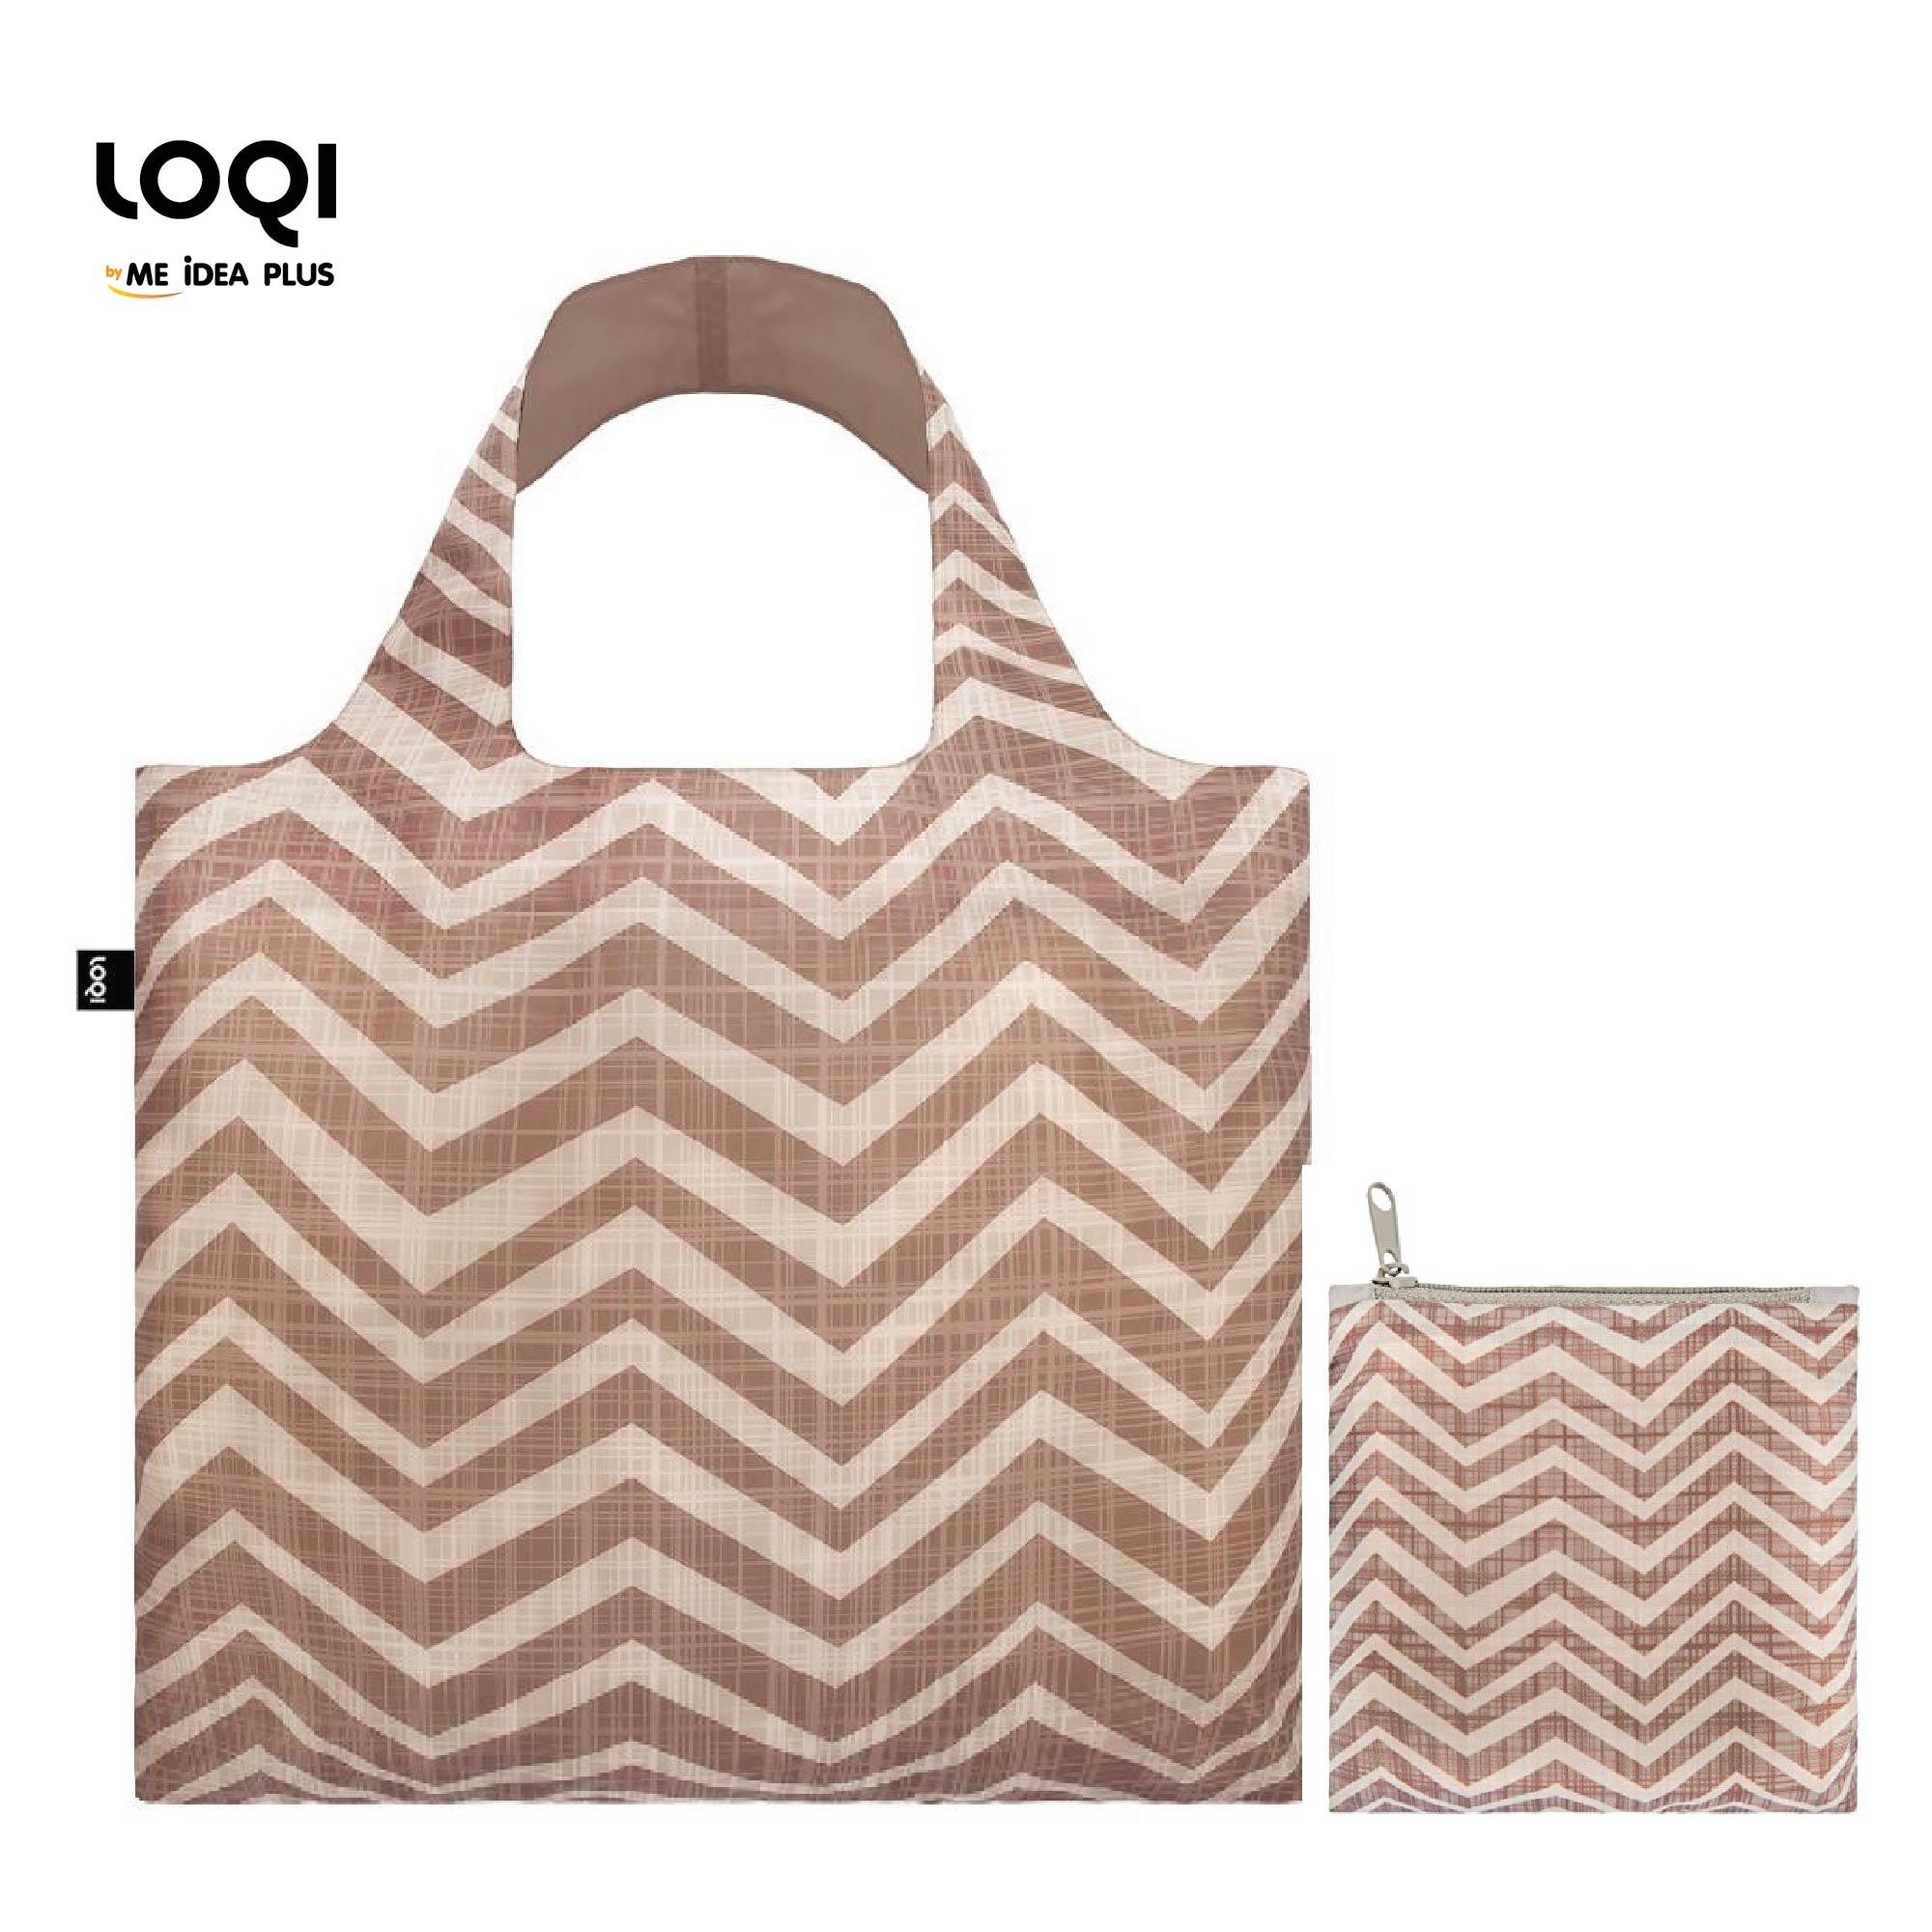 กระเป๋าผ้าแฟชั่นแบรนด์LOQI รุ่น Earth Clay ใบใหญ่1ใบ+ใบเล็ก1ใบ